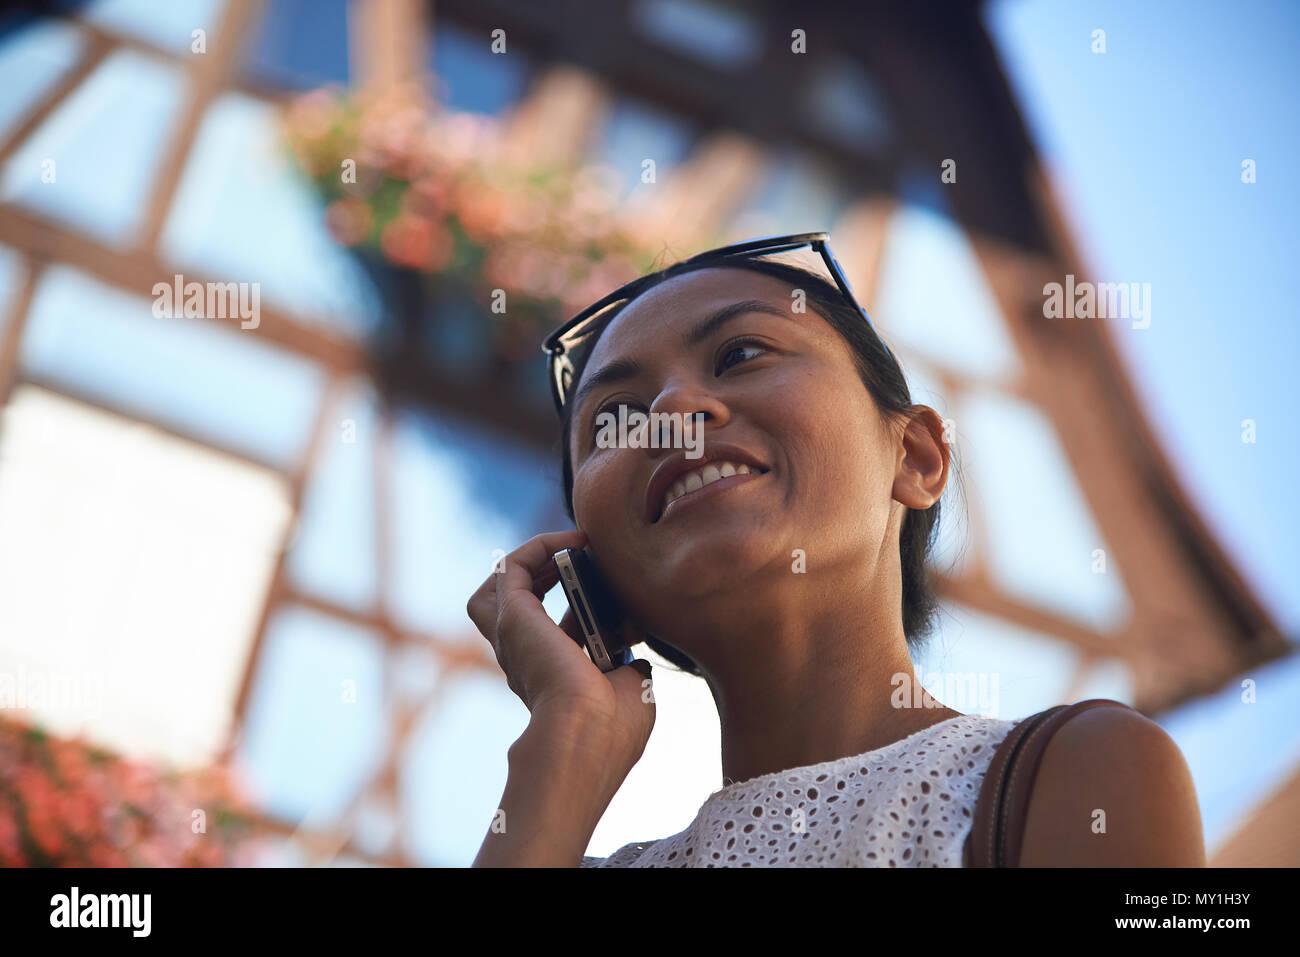 Bella donna asiatica camminando attraverso le strade della città in una tipica cittadina francese nella regione Alsazia parlando sul suo telefono cellulare, scattare foto e alla ricerca Immagini Stock